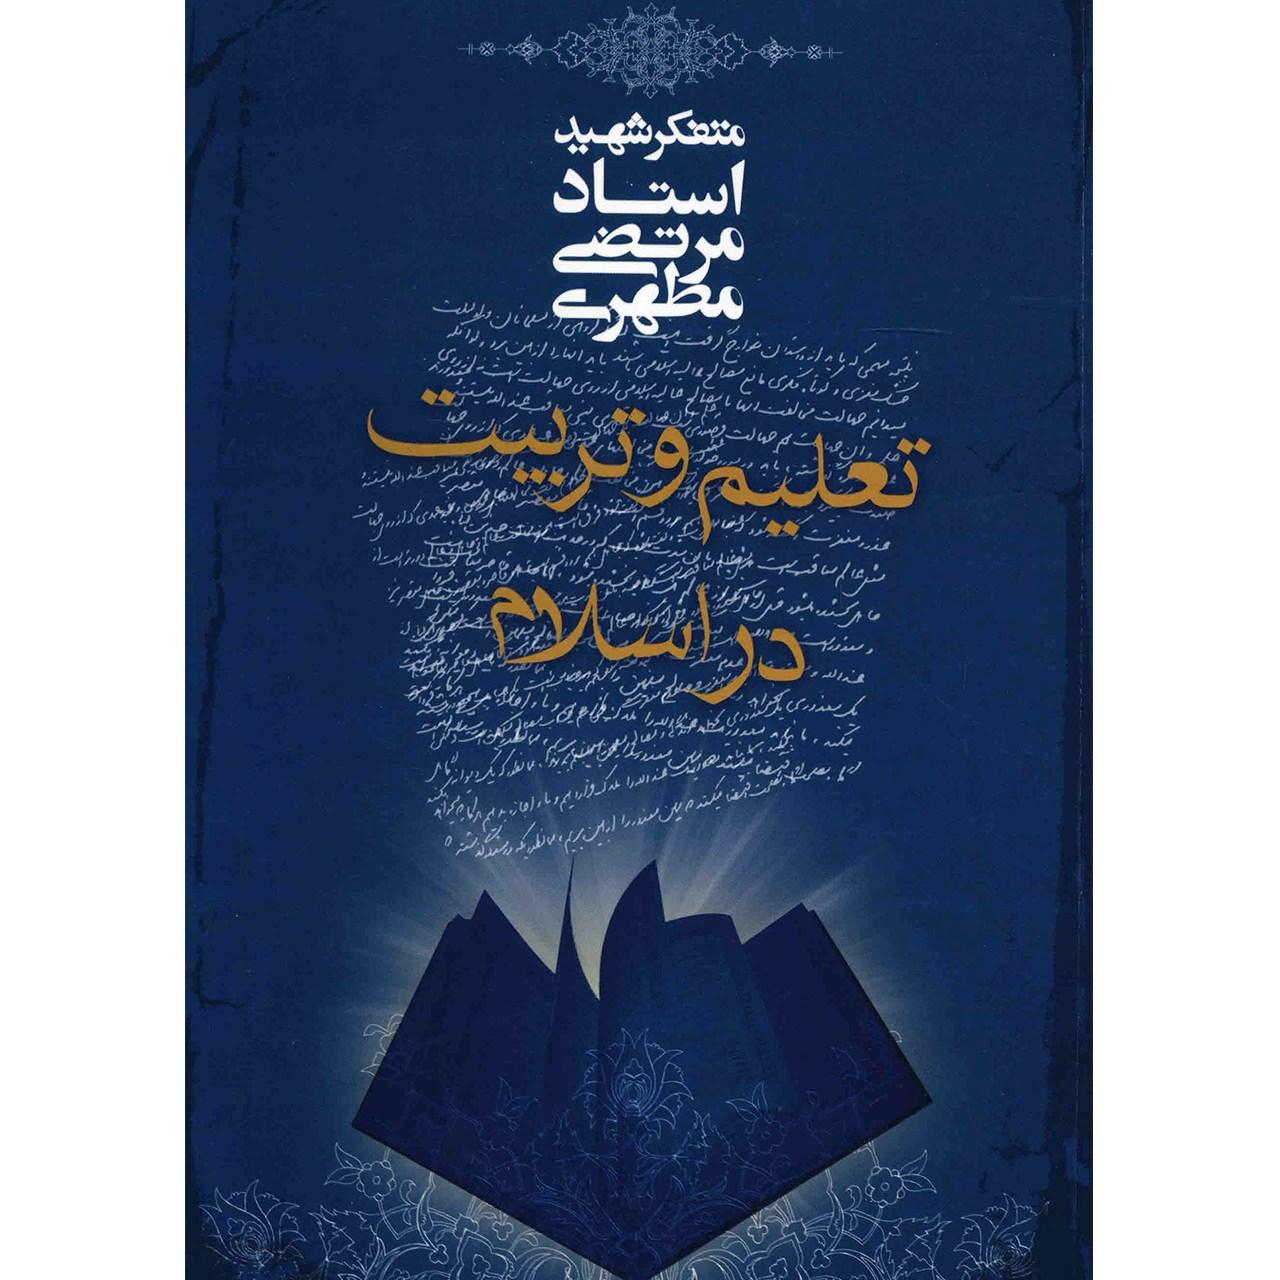 خرید                      کتاب تعلیم و تربیت در اسلام اثر مرتضی مطهری